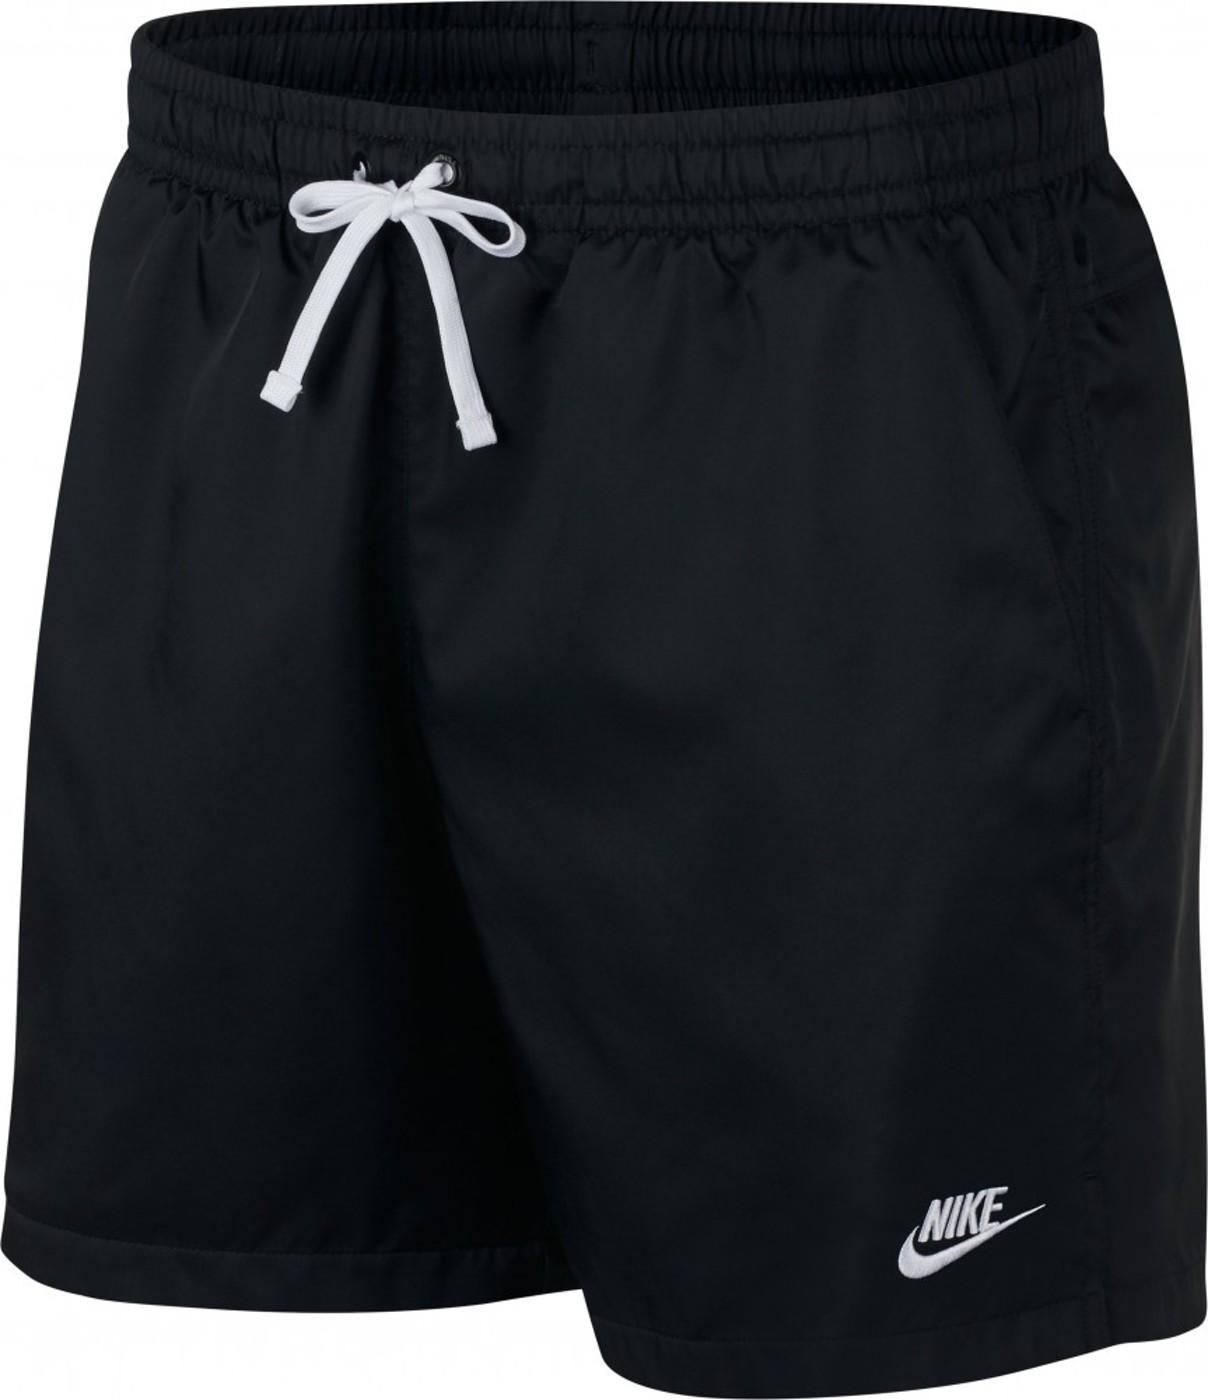 Nike Sportswear Woven Sh - Herren